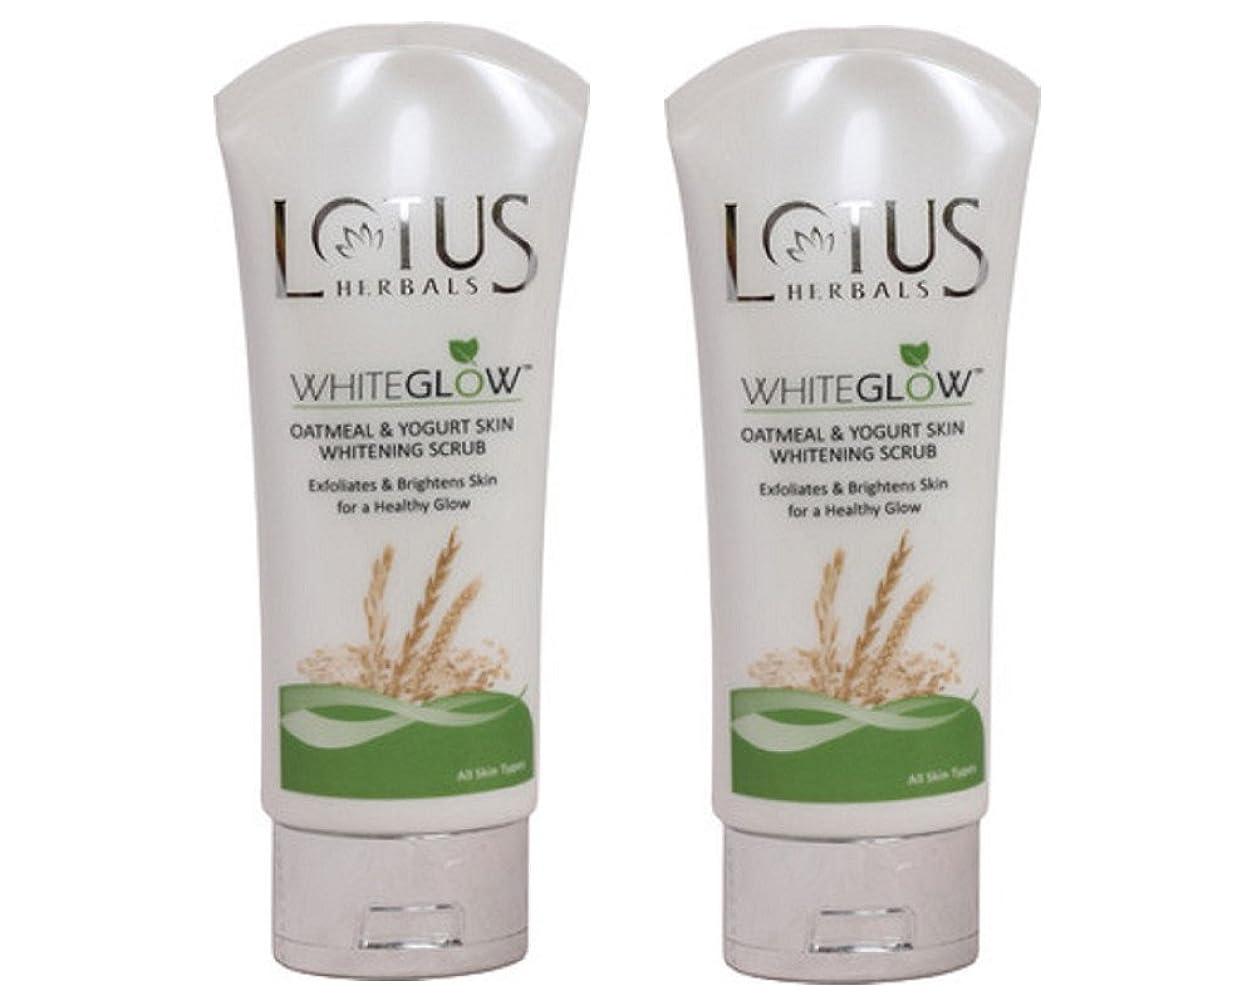 キャンペーン放送苦難Lotus Herbals White Glow Oatmeal & Yogurt Skin Whitening Scrub (100g) - Pack of 2